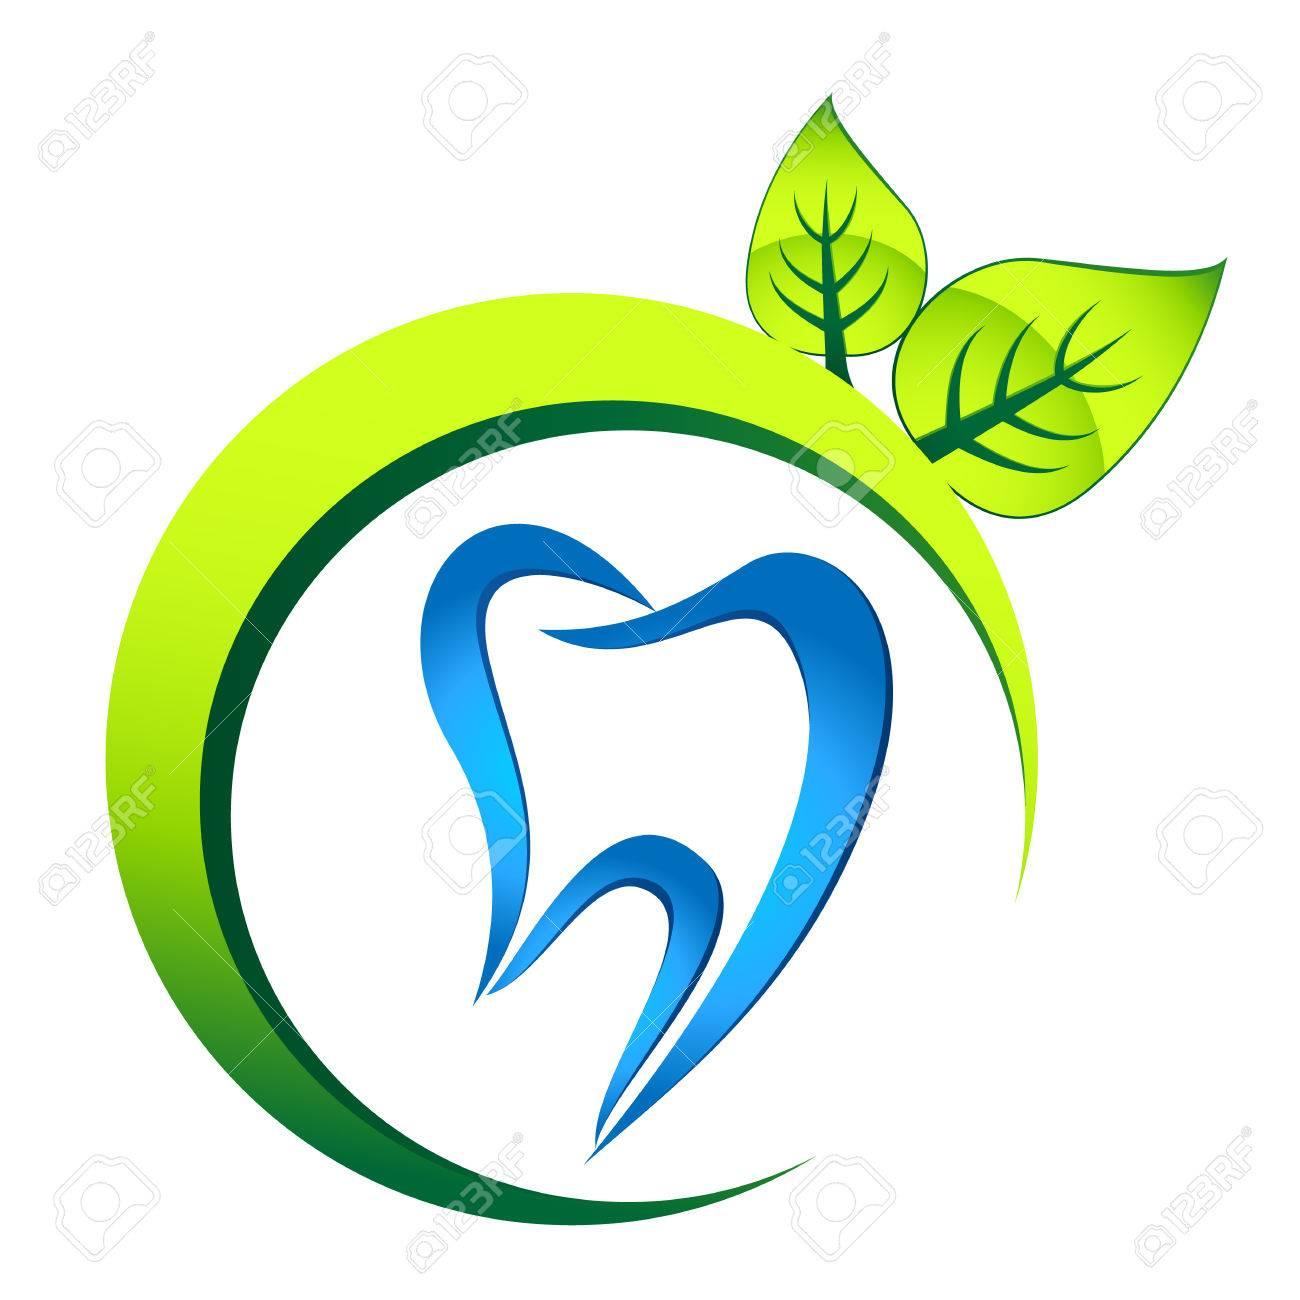 dental care sign - 22504765